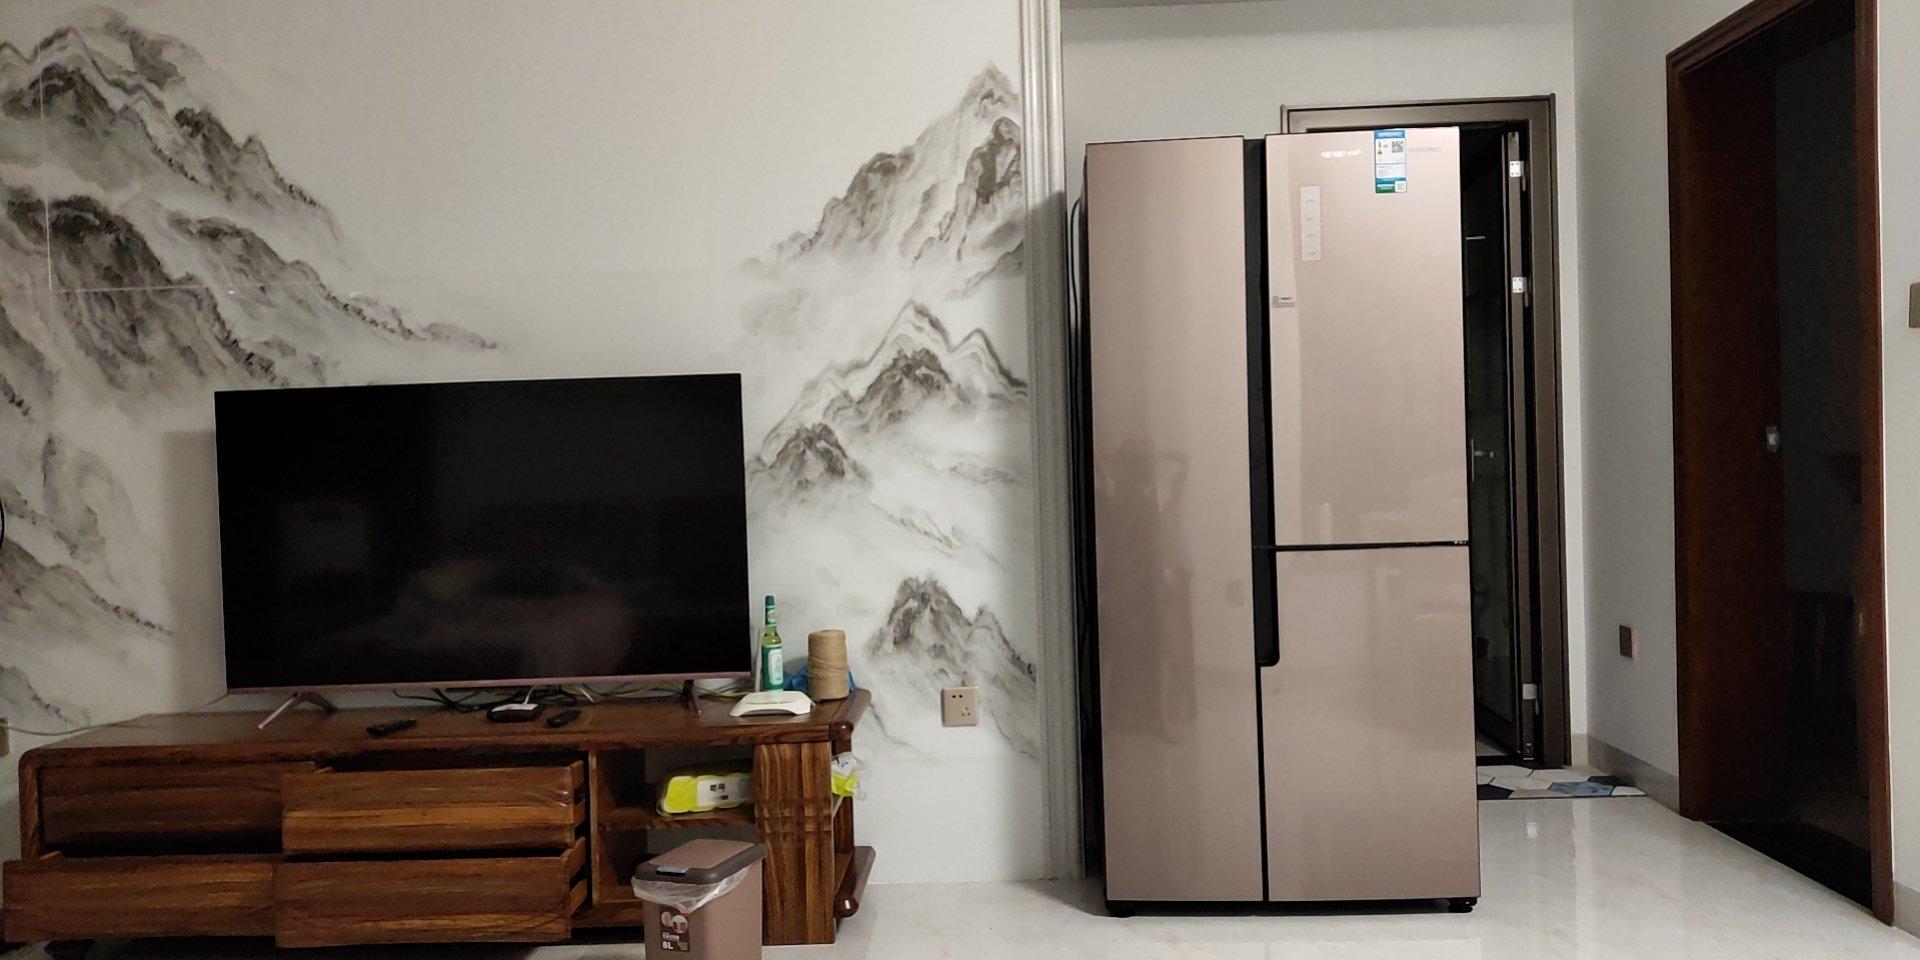 冰箱放在这里如何修改